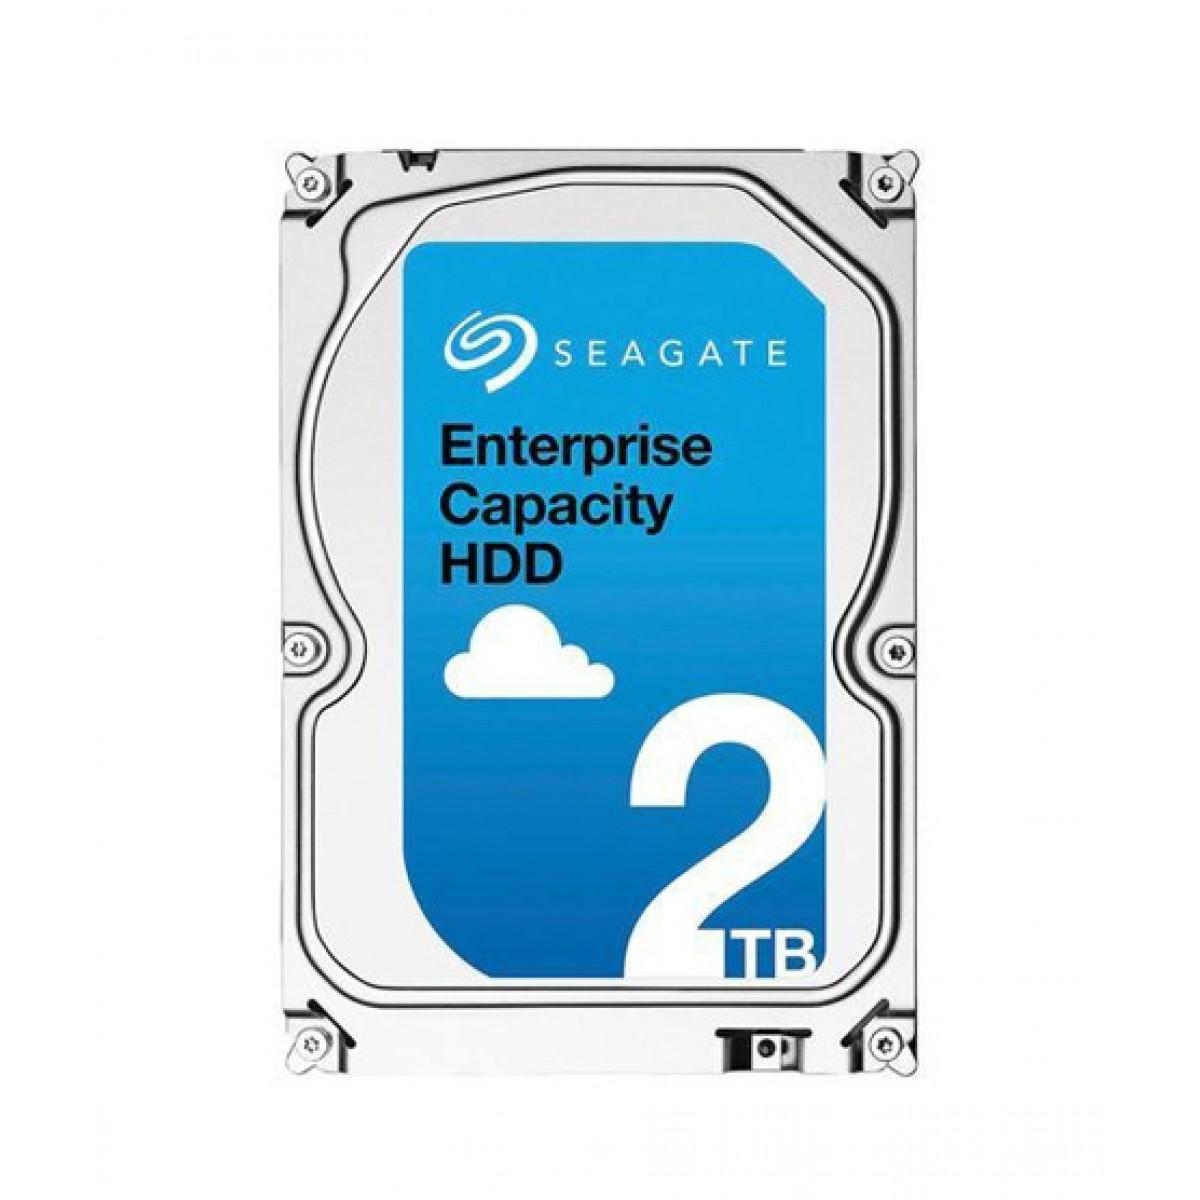 Seagate Enterprise SAS 2TB 7200RPM Hard Drive